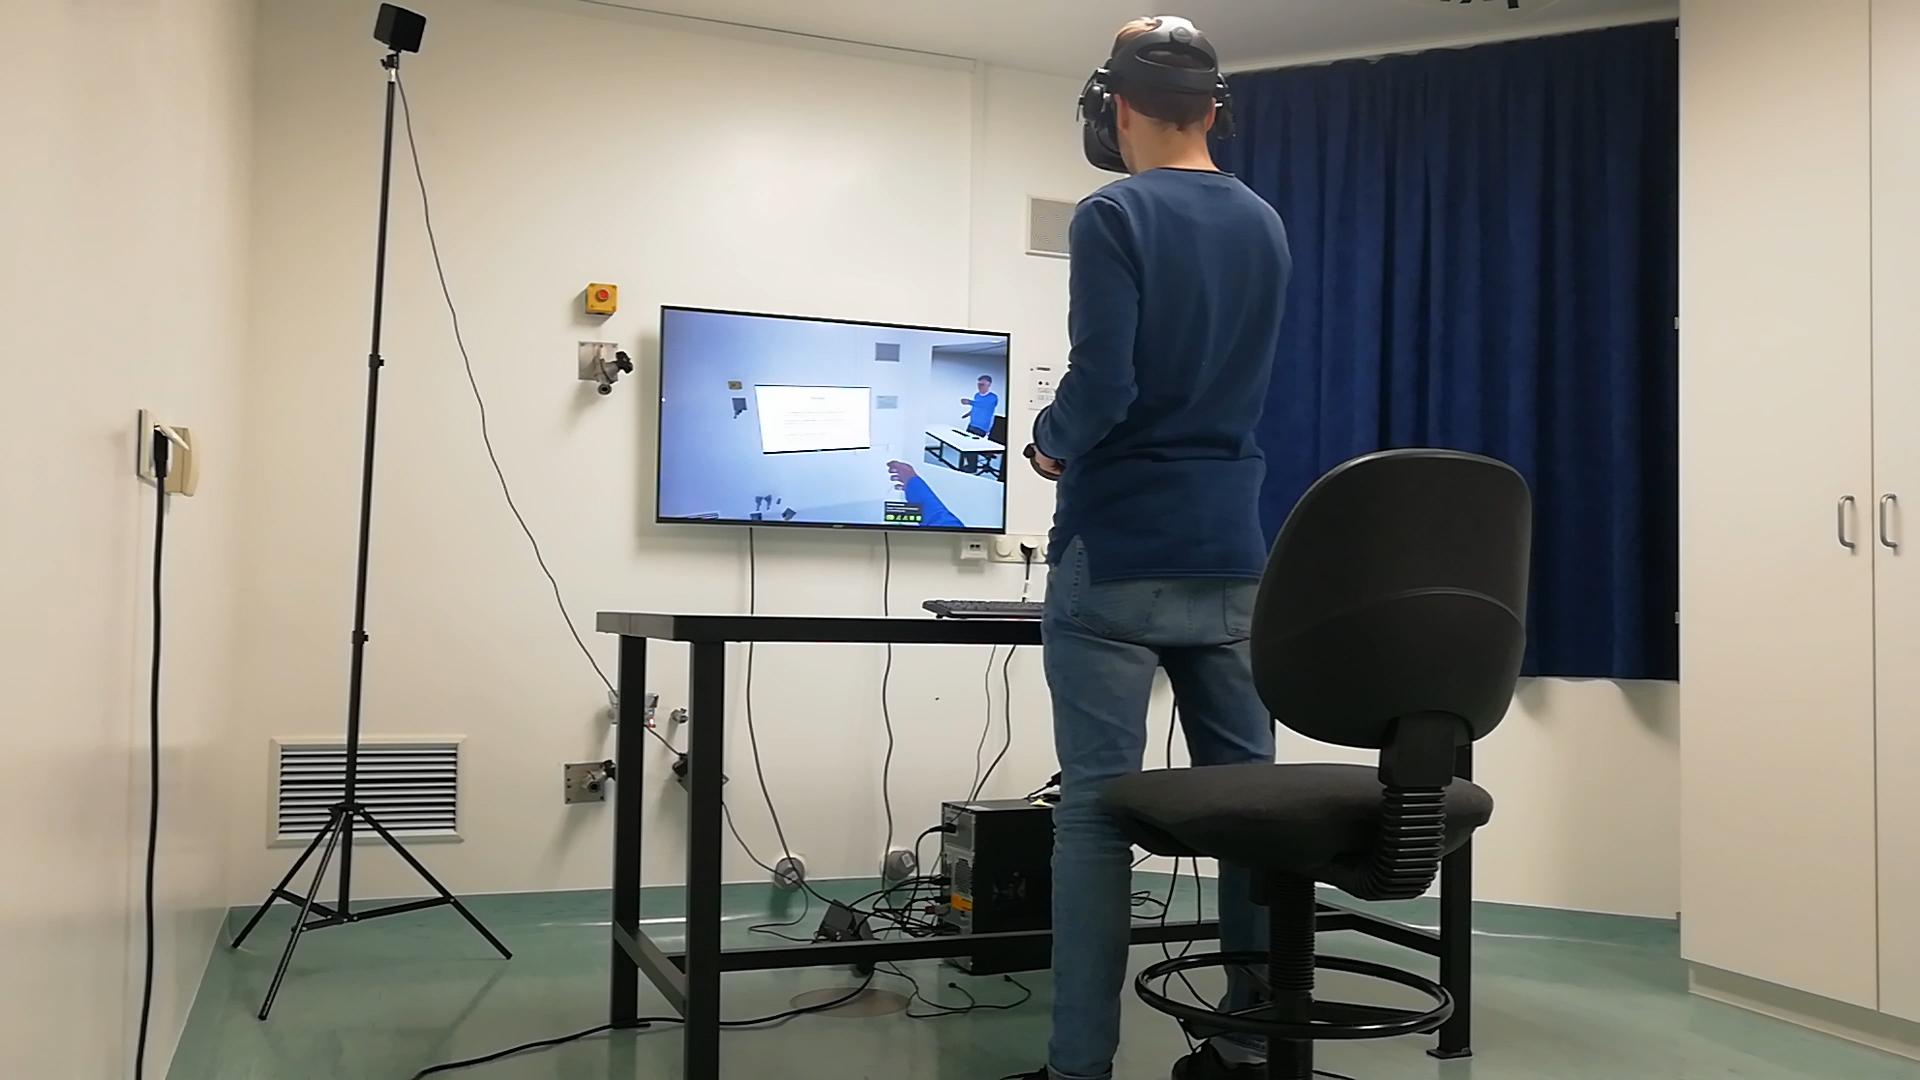 Virtual Reality Forschung in der Anwendung. Nutzer im realen Labor befindet sich virtuell im digitalen Zwilling und führt virtuell Online-Tests durch